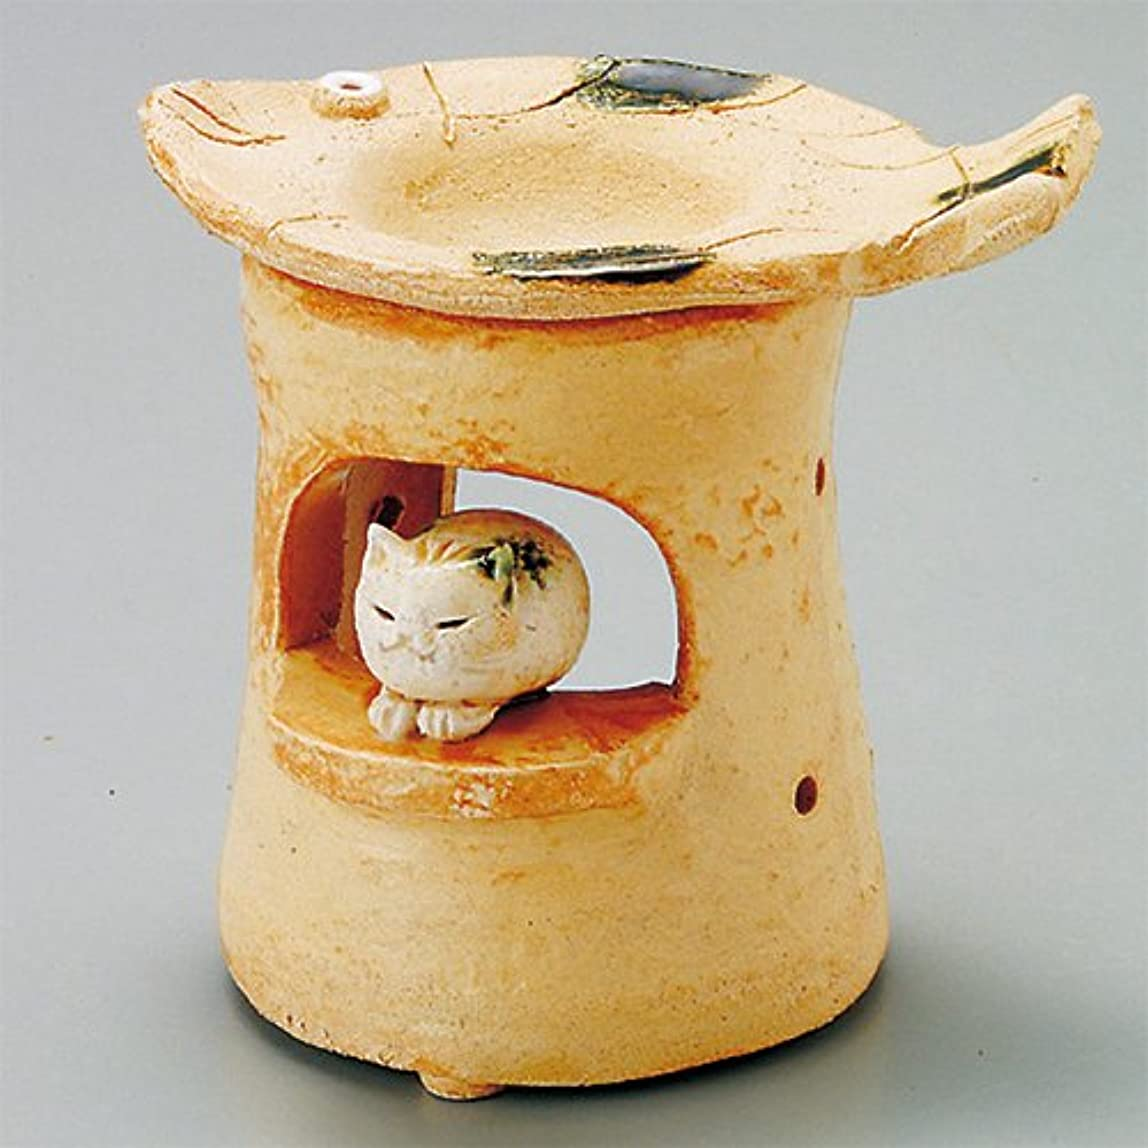 トランスミッションする非互換島ねこ 島ねこ 茶香炉 [12x8.5xH11.5cm] HANDMADE プレゼント ギフト 和食器 かわいい インテリア